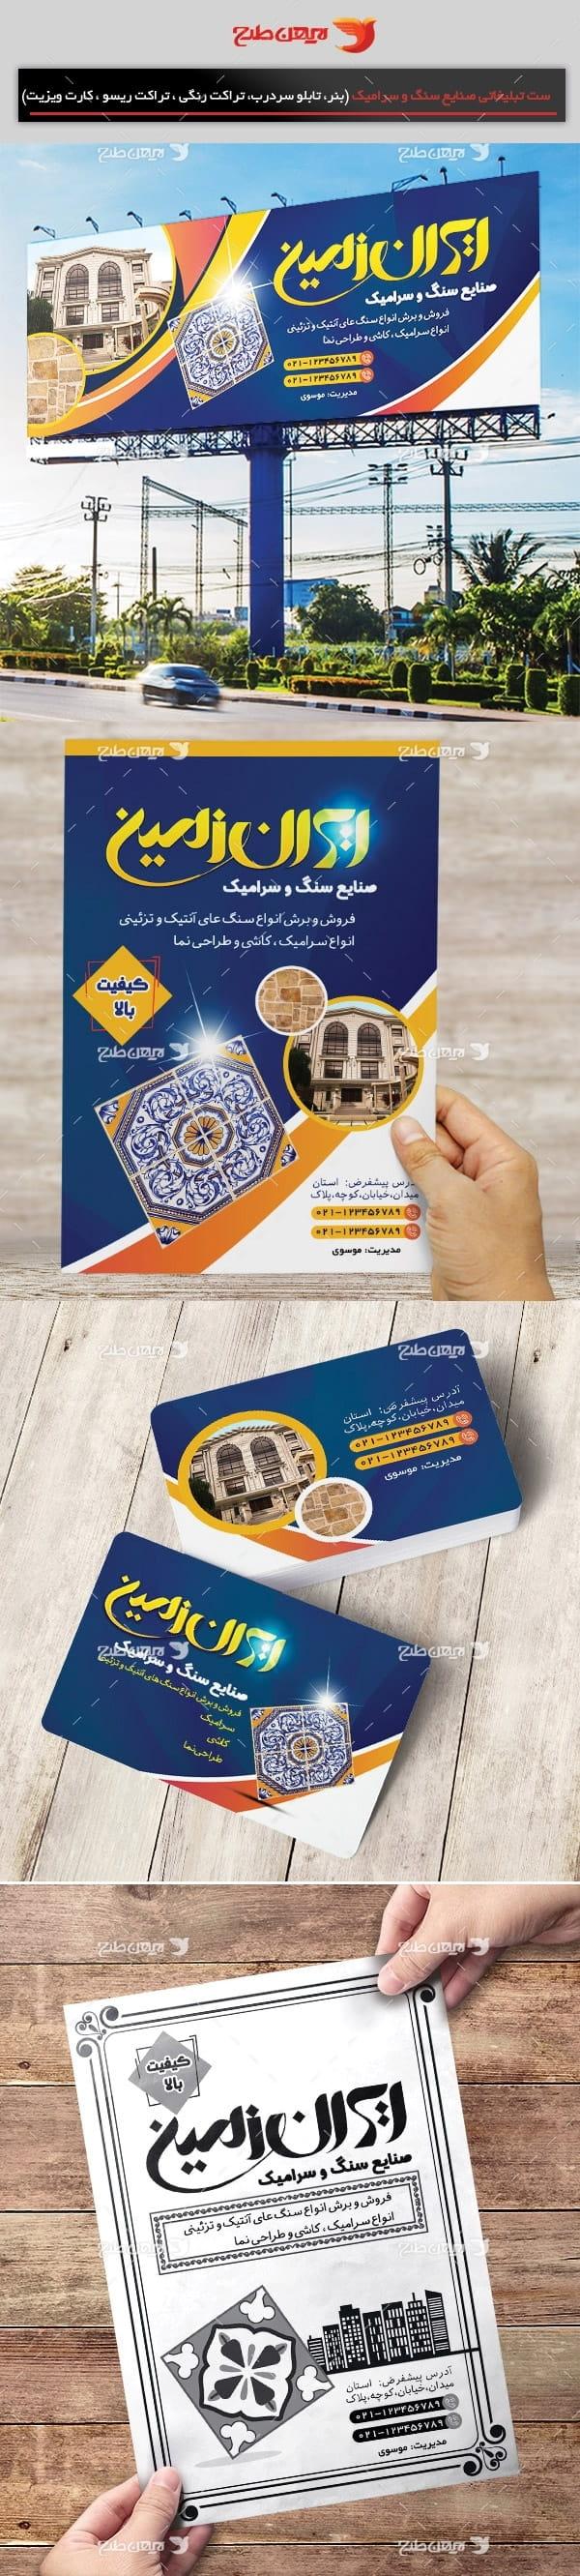 ست تبليغاتي فروشگاه سنگ و سرامیک ایران زمین